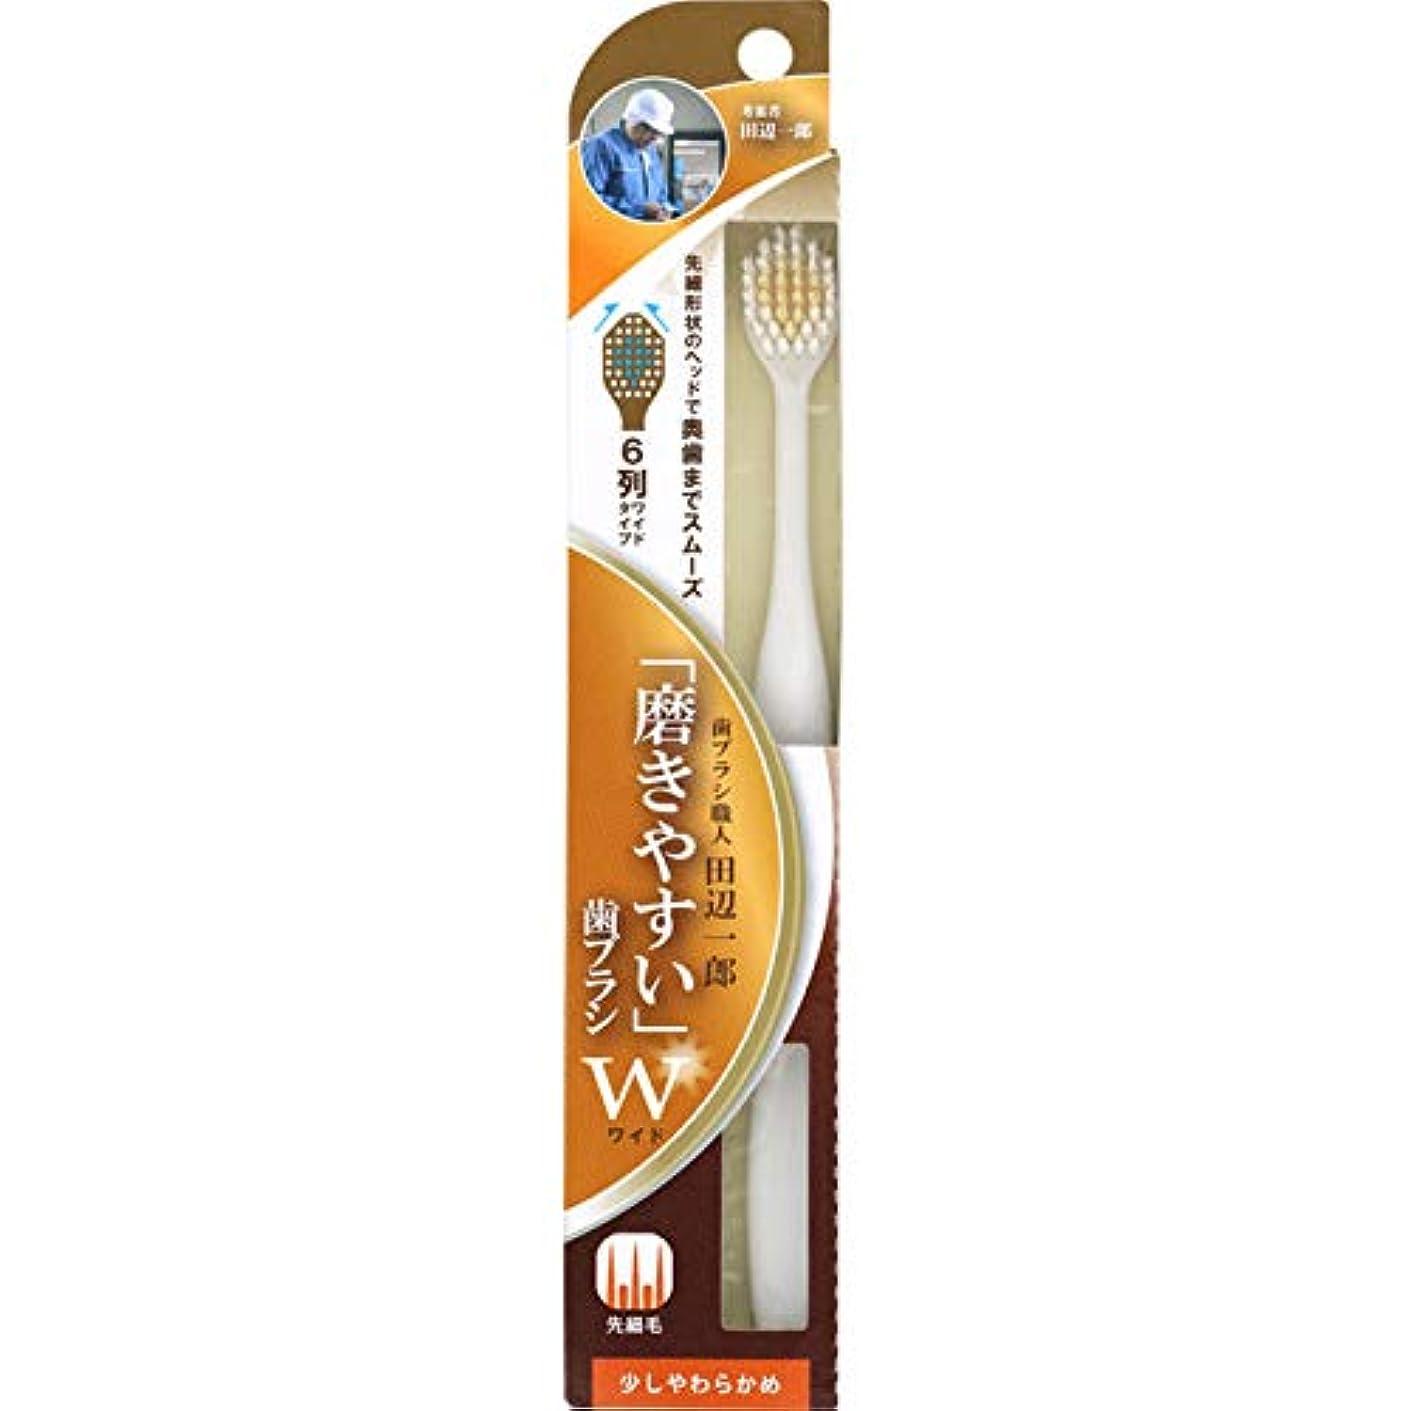 いわゆるいとこ無一文ライフレンジ LT-46 磨きやすい歯ブラシ ワイド 少しやわらかめ 1本入 ※カラーは選べません。